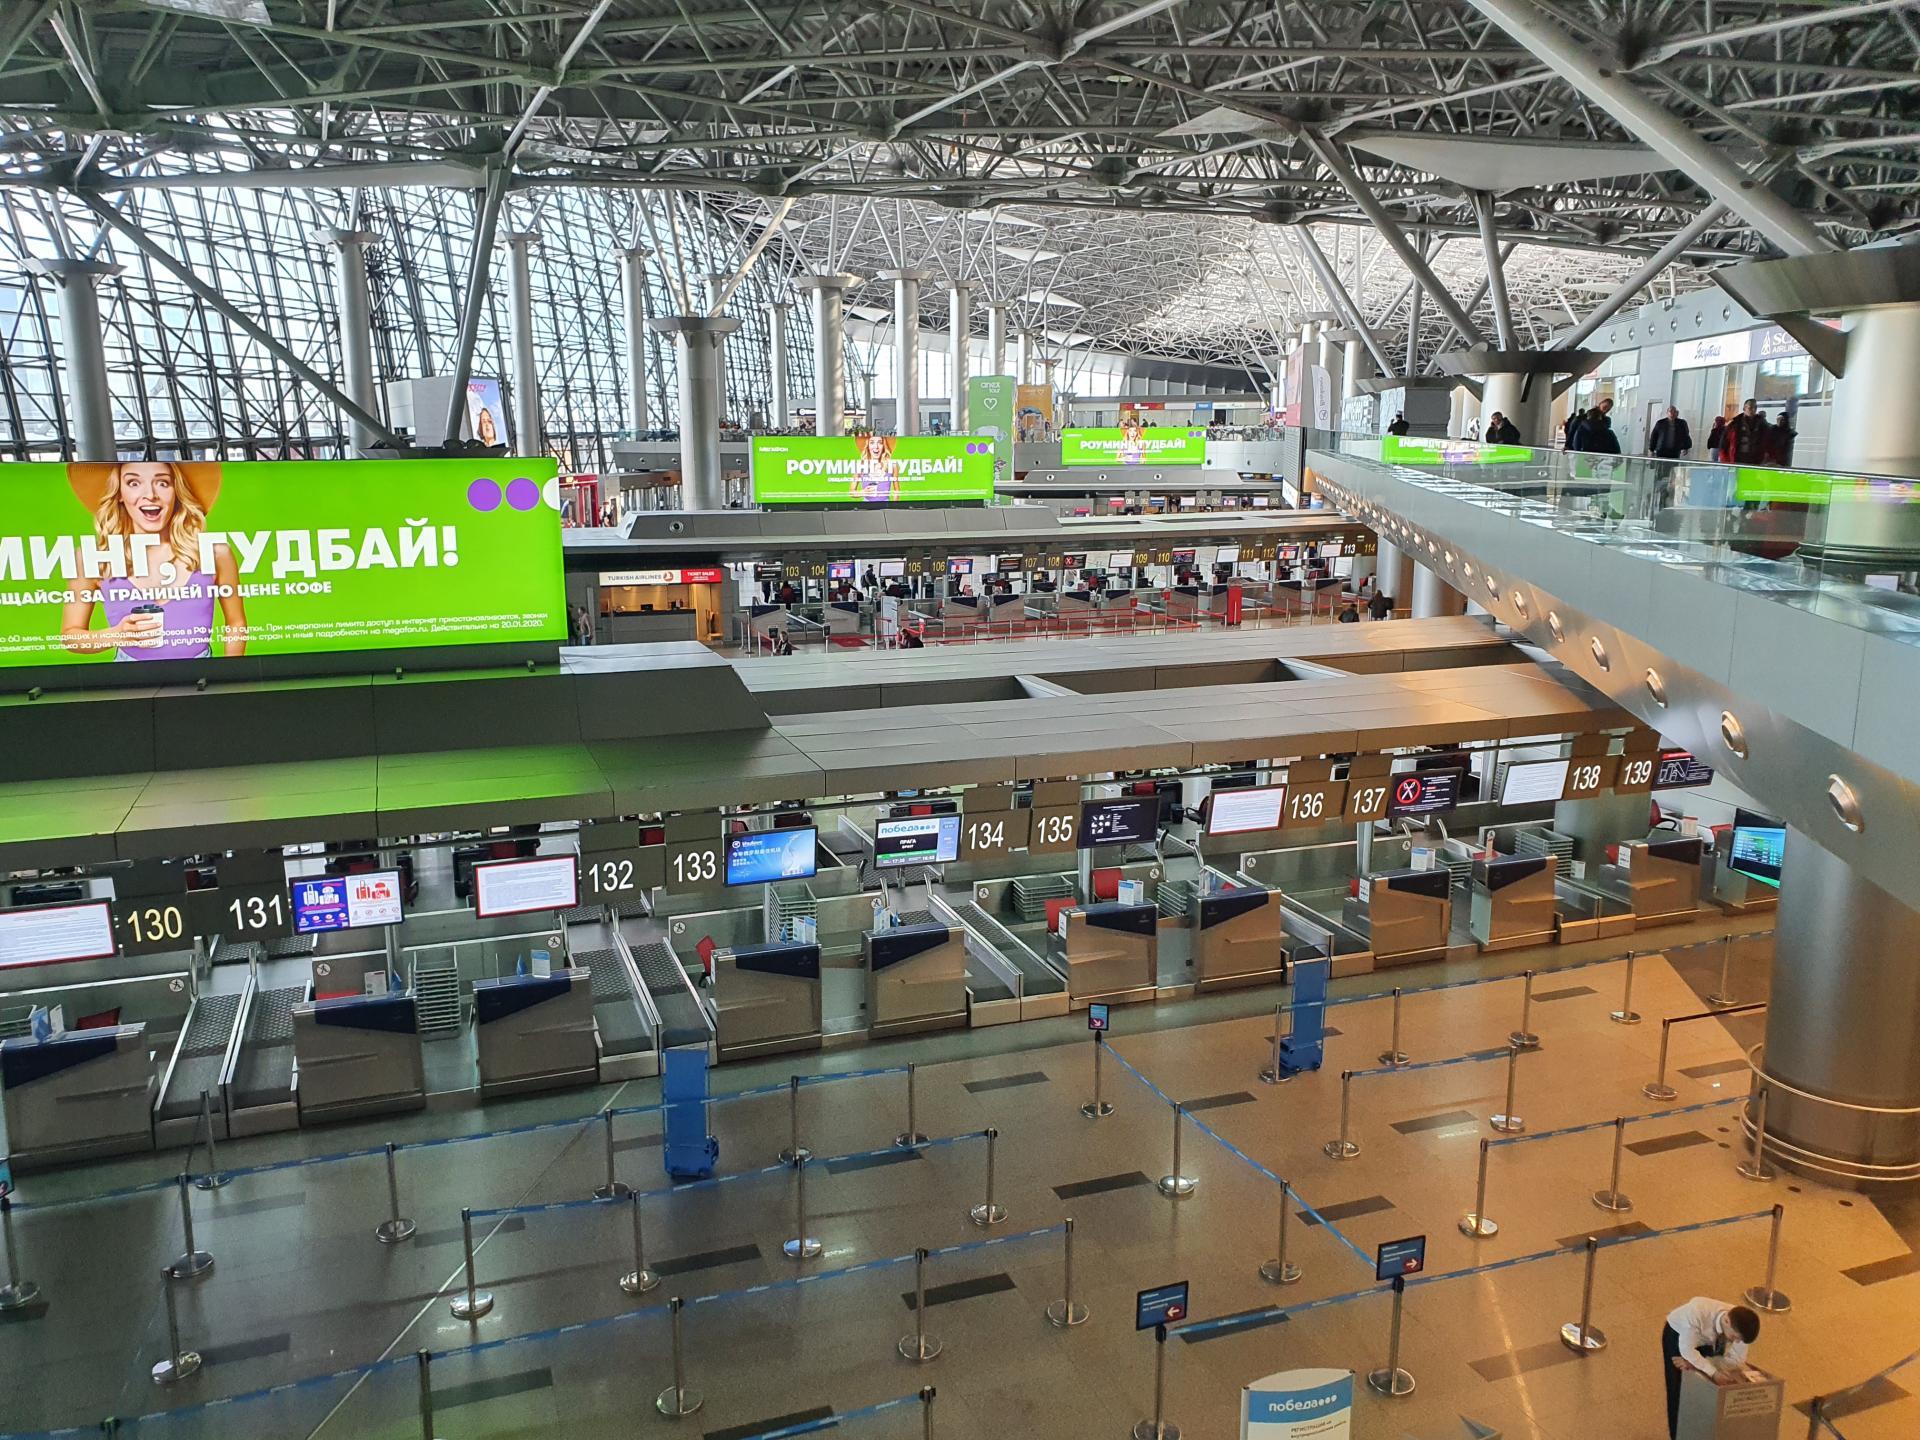 стойки регистрации в аэропорту Внуково